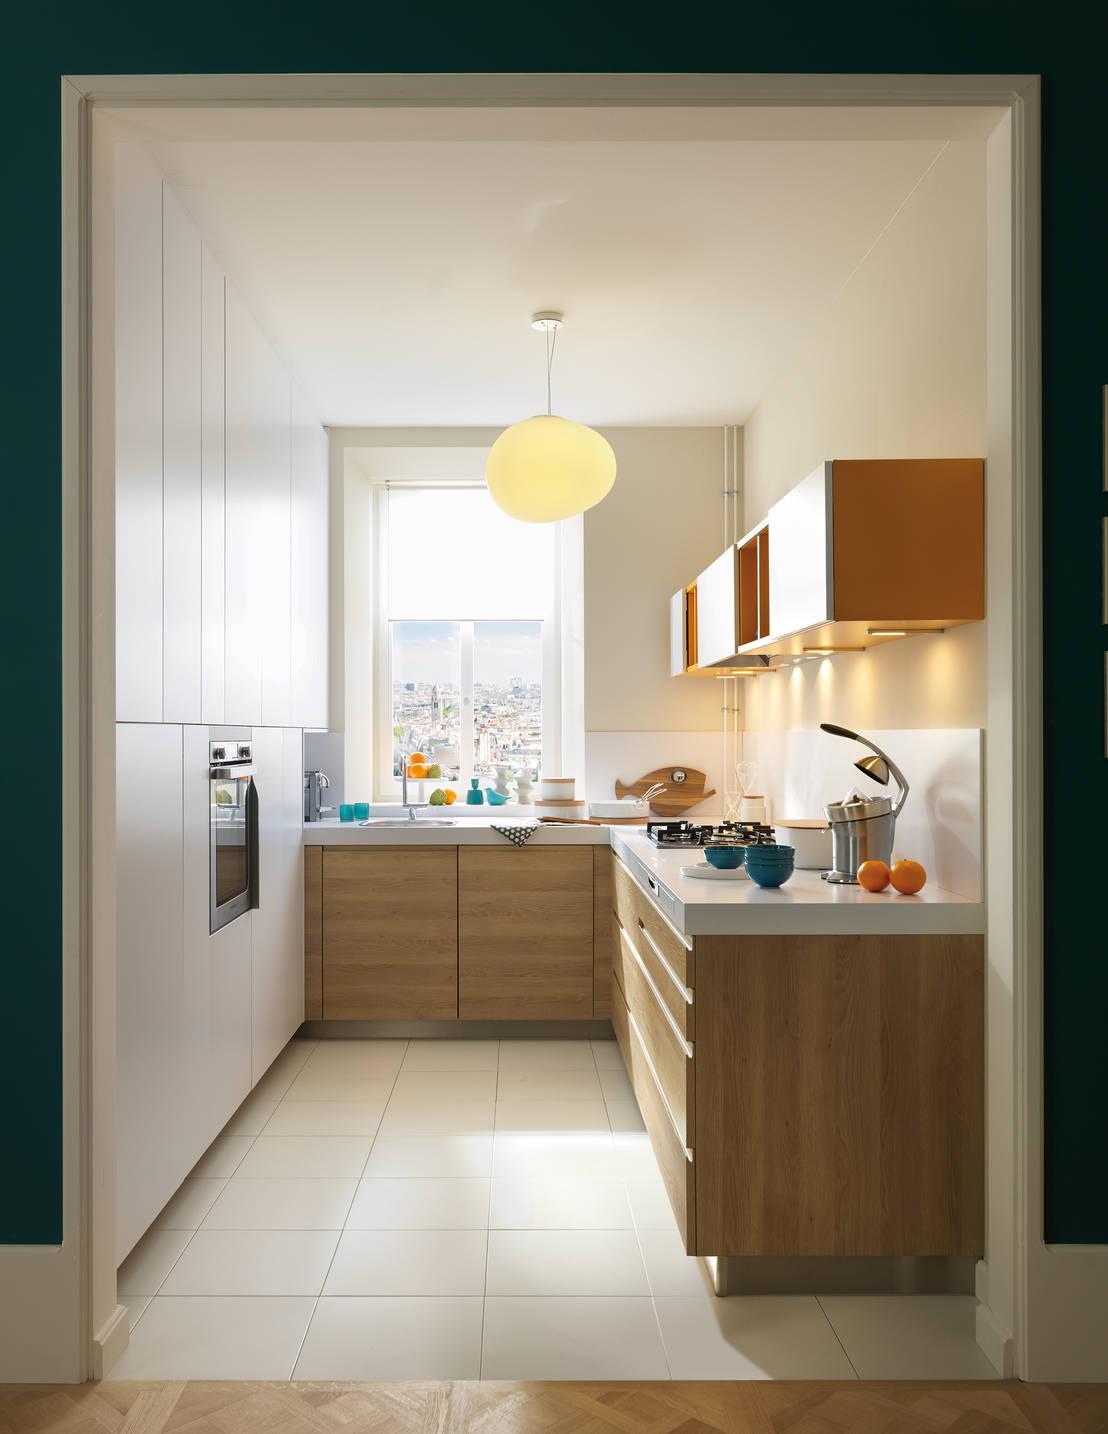 Außergewöhnlich Küchenideen Ikea Das Beste Von